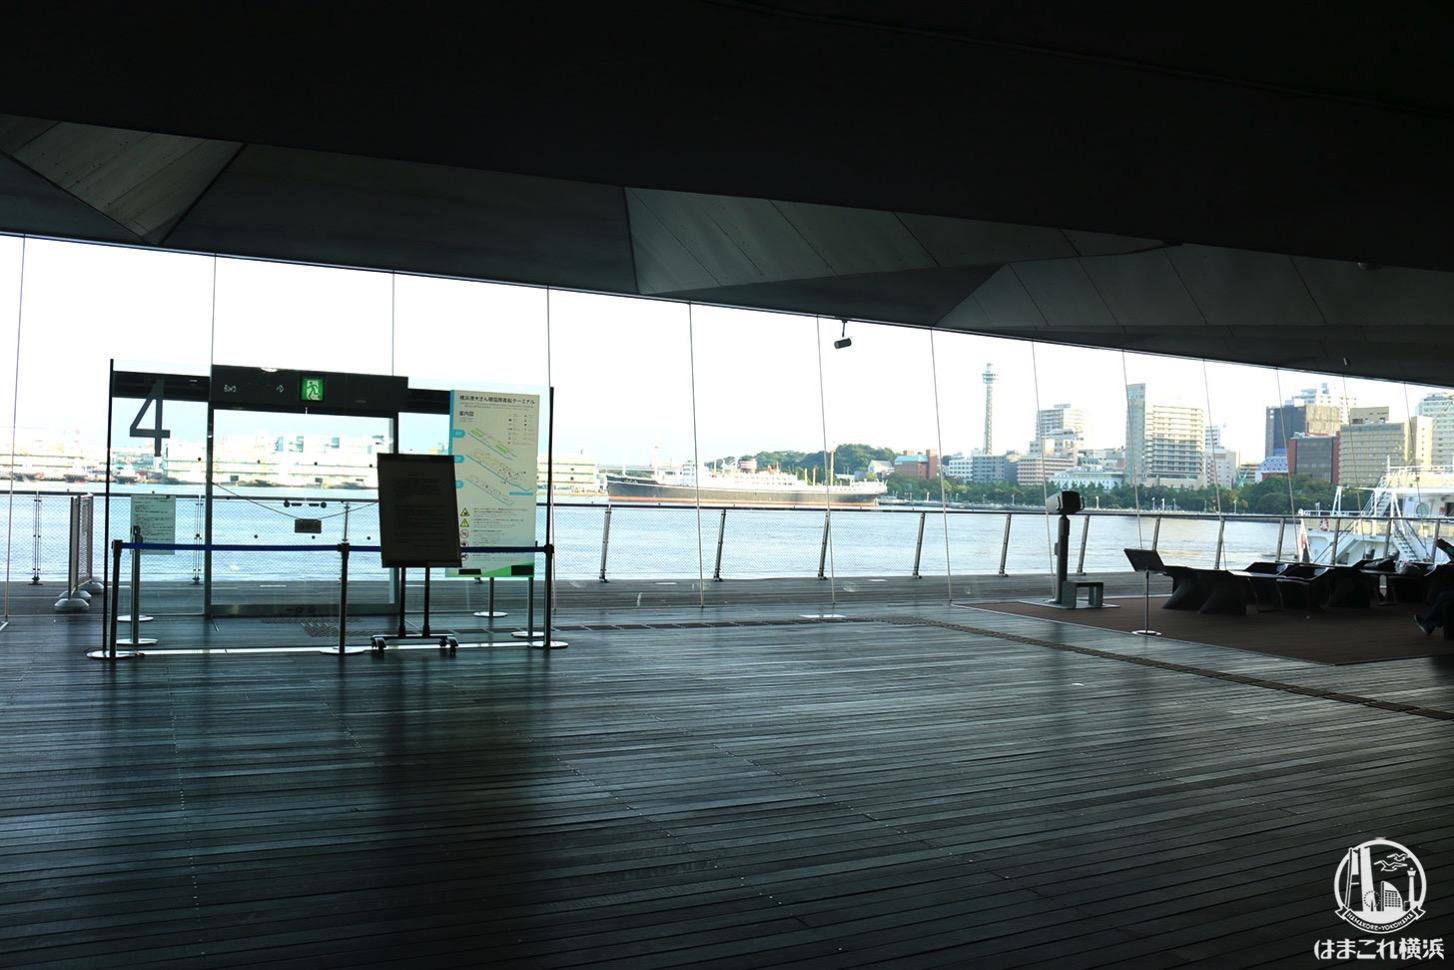 横浜港大さん橋国際客船ターミナル 施設内